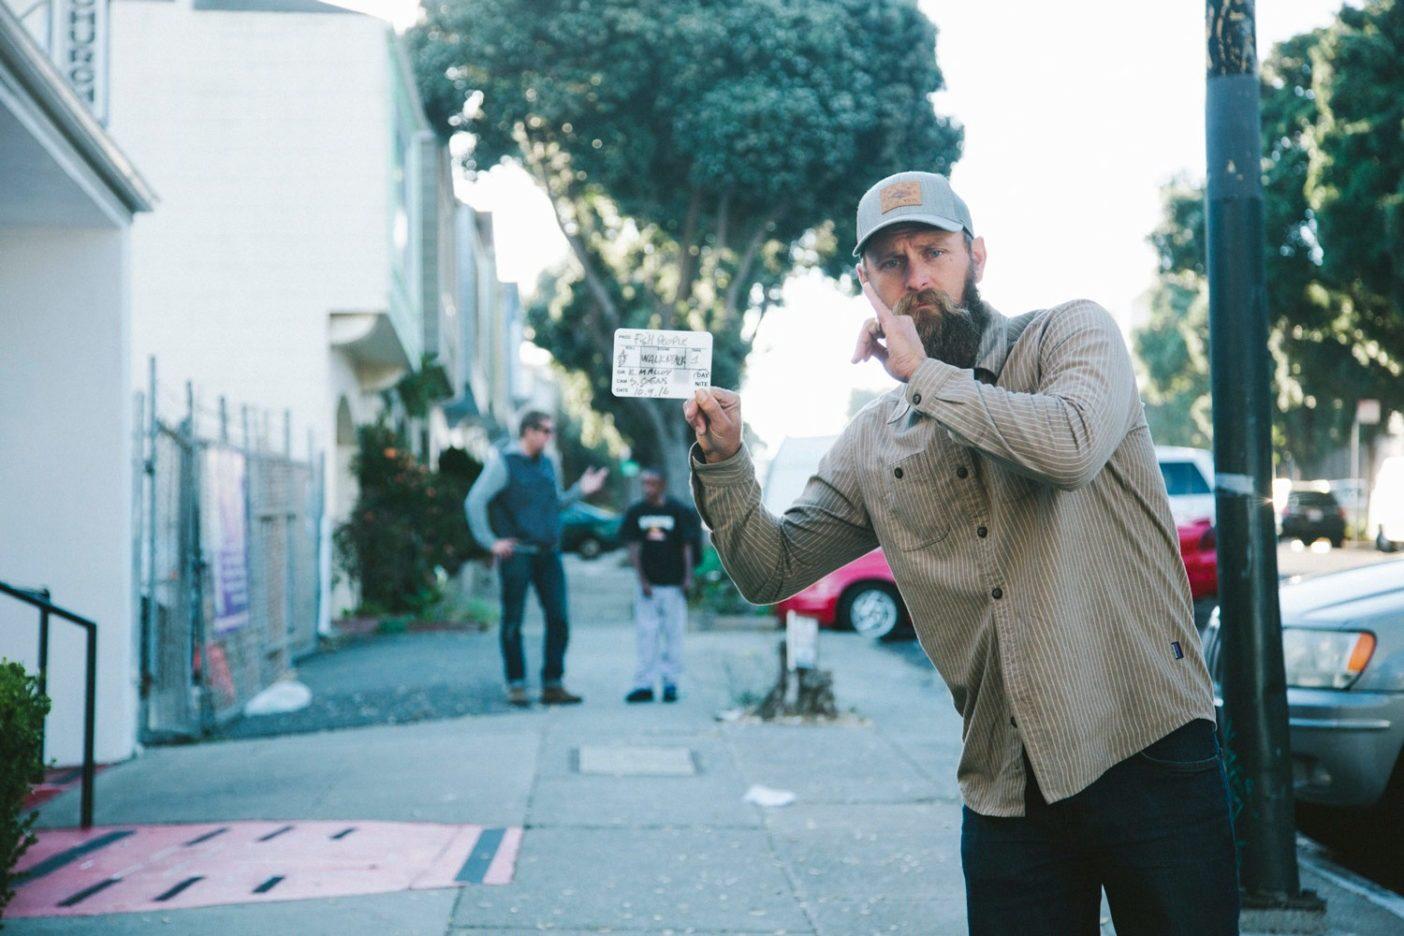 『フィッシュピープル』の監督として撮影現場に立つキース・マロイ。Photo: Donnie Hedden